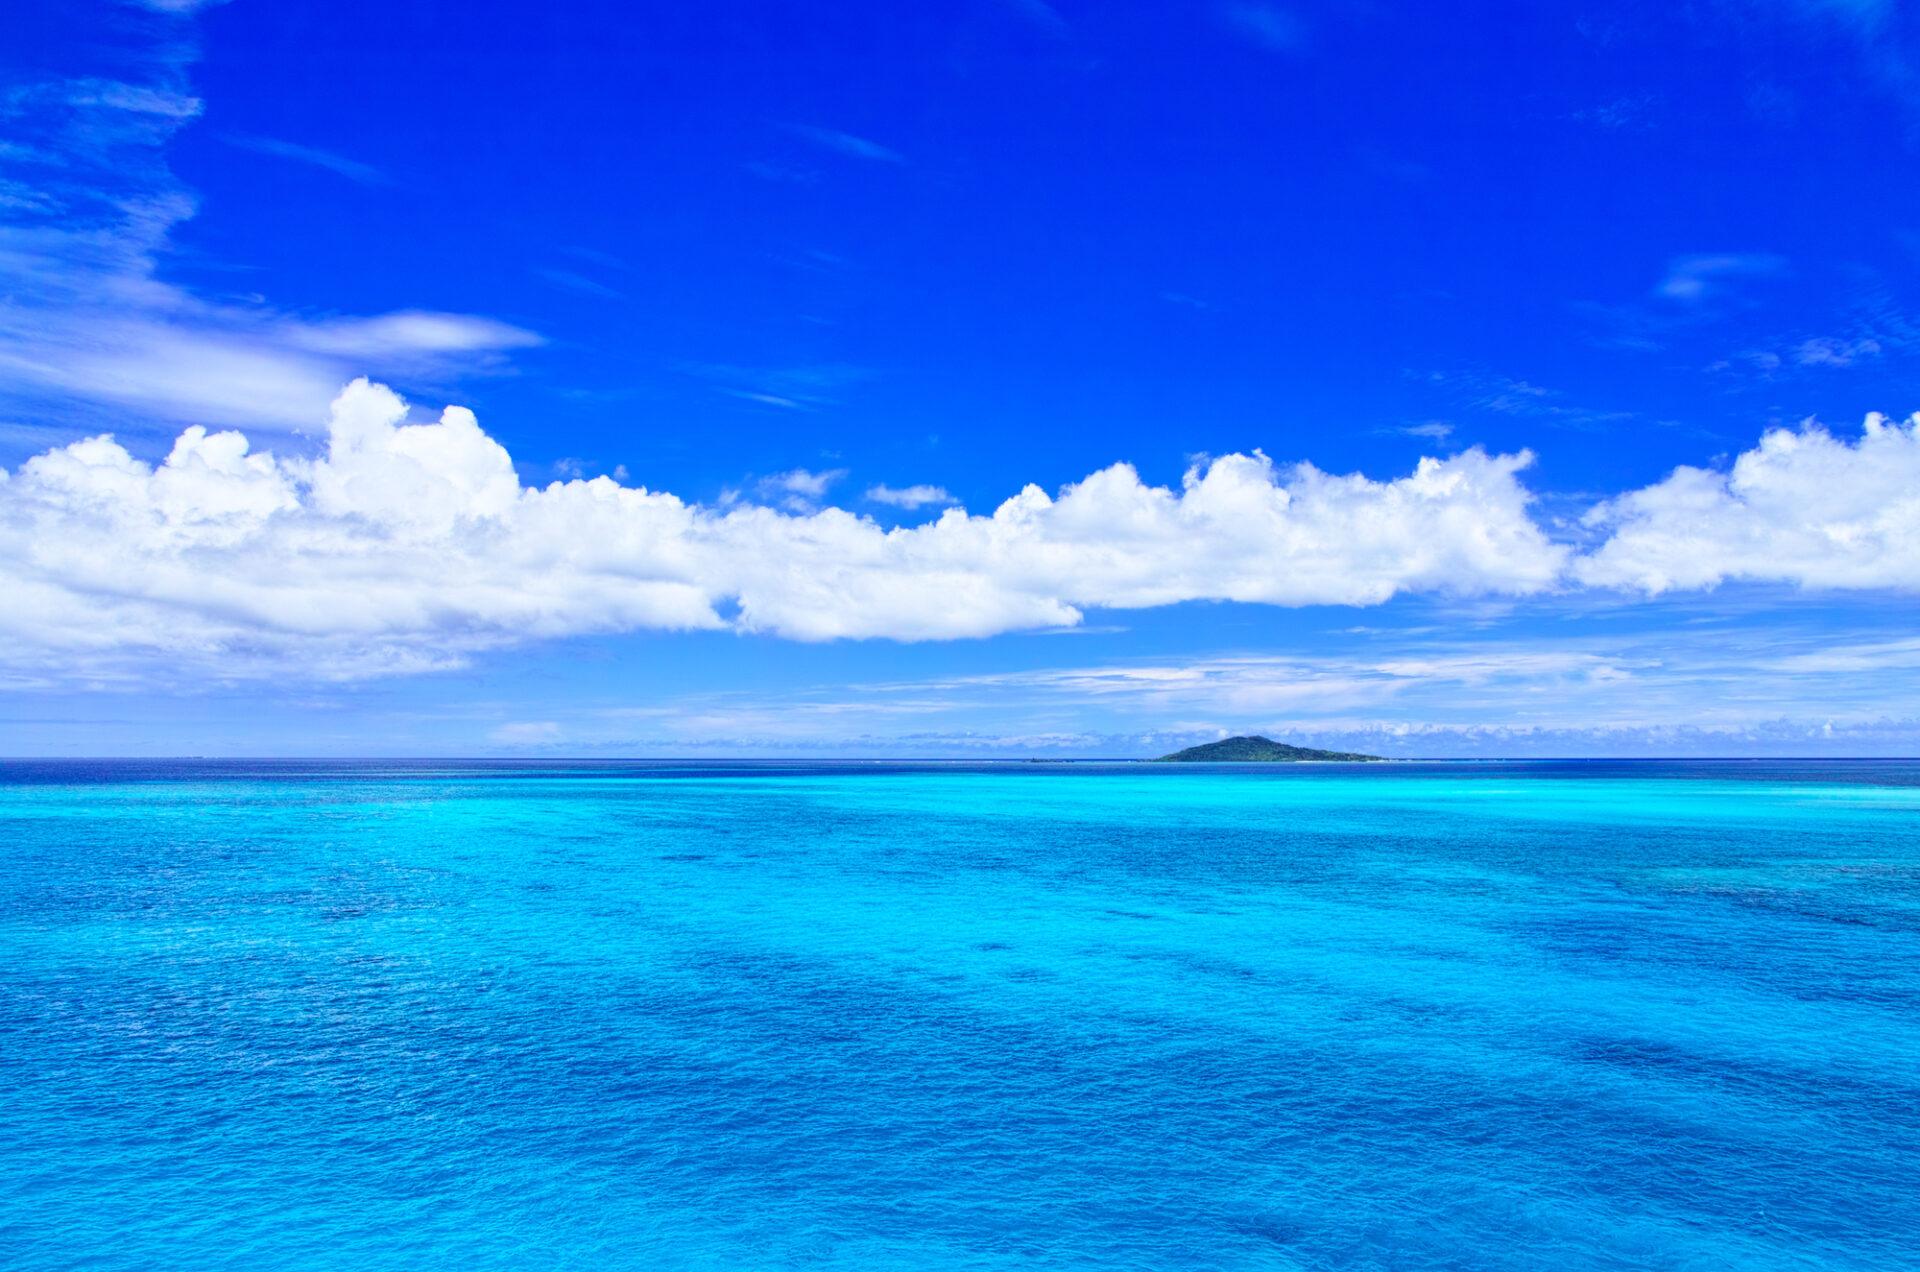 広大な海と晴天の青空